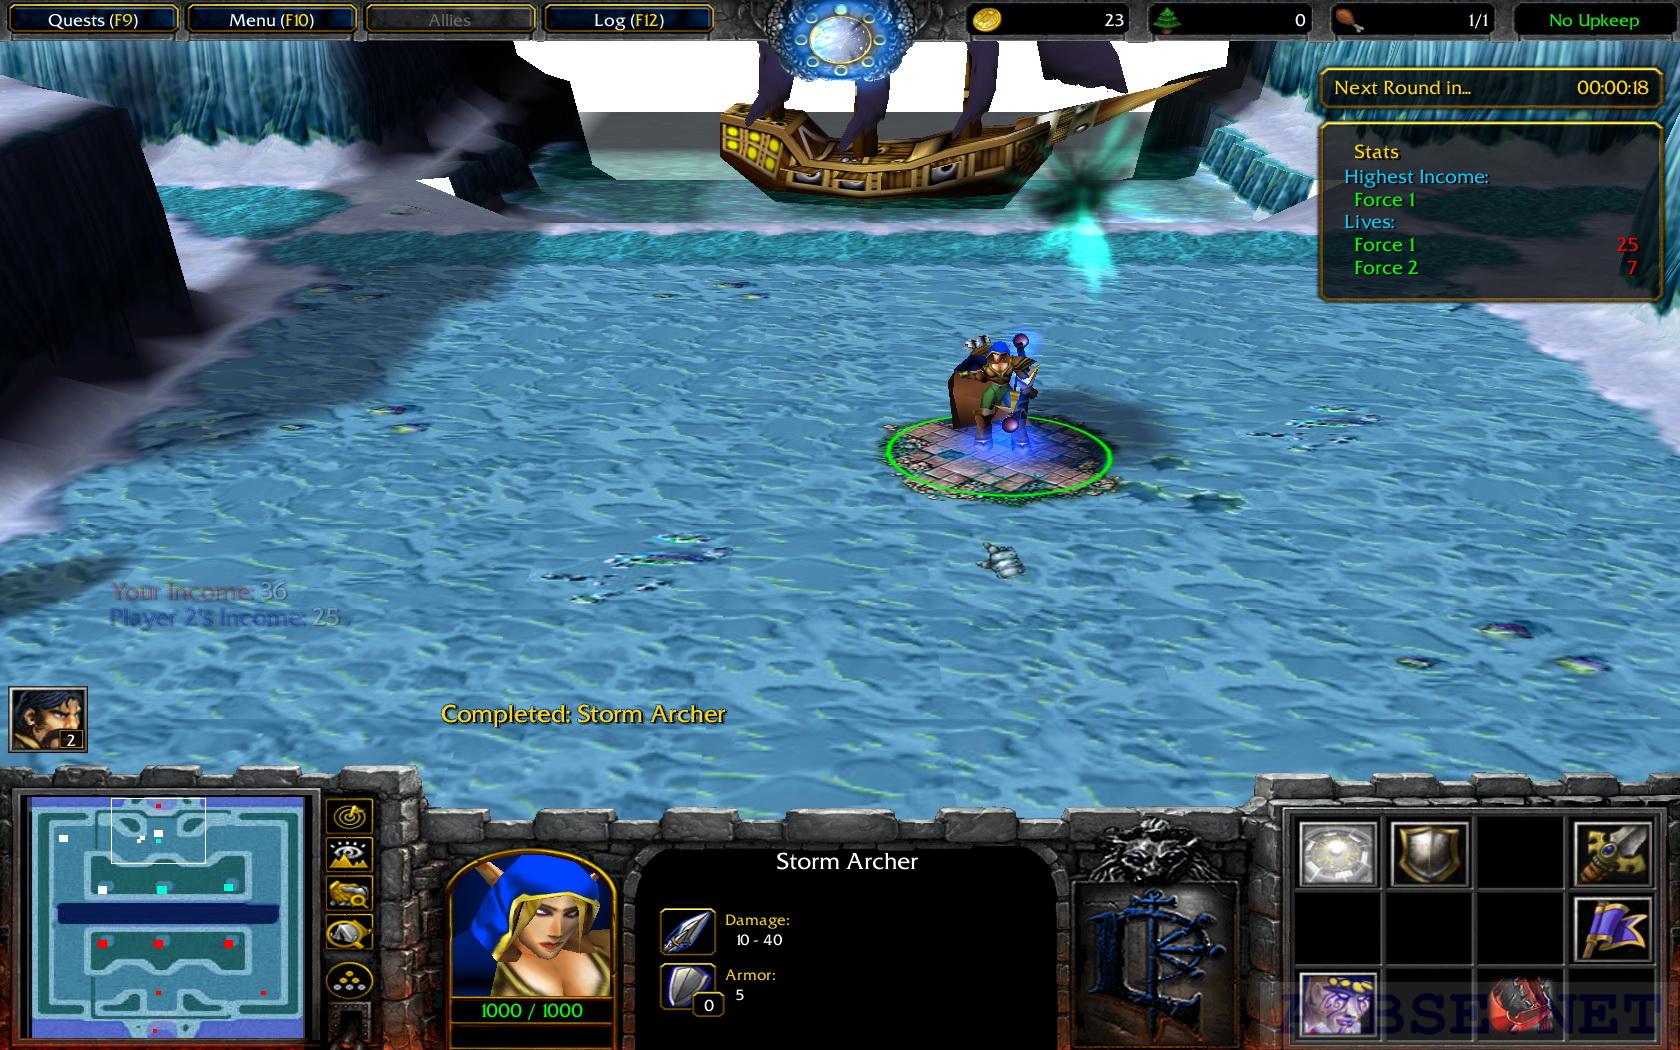 One of warcraft, скачайте бесплатно world of warcraft ii и starcraft на мобильном телефоне ferra